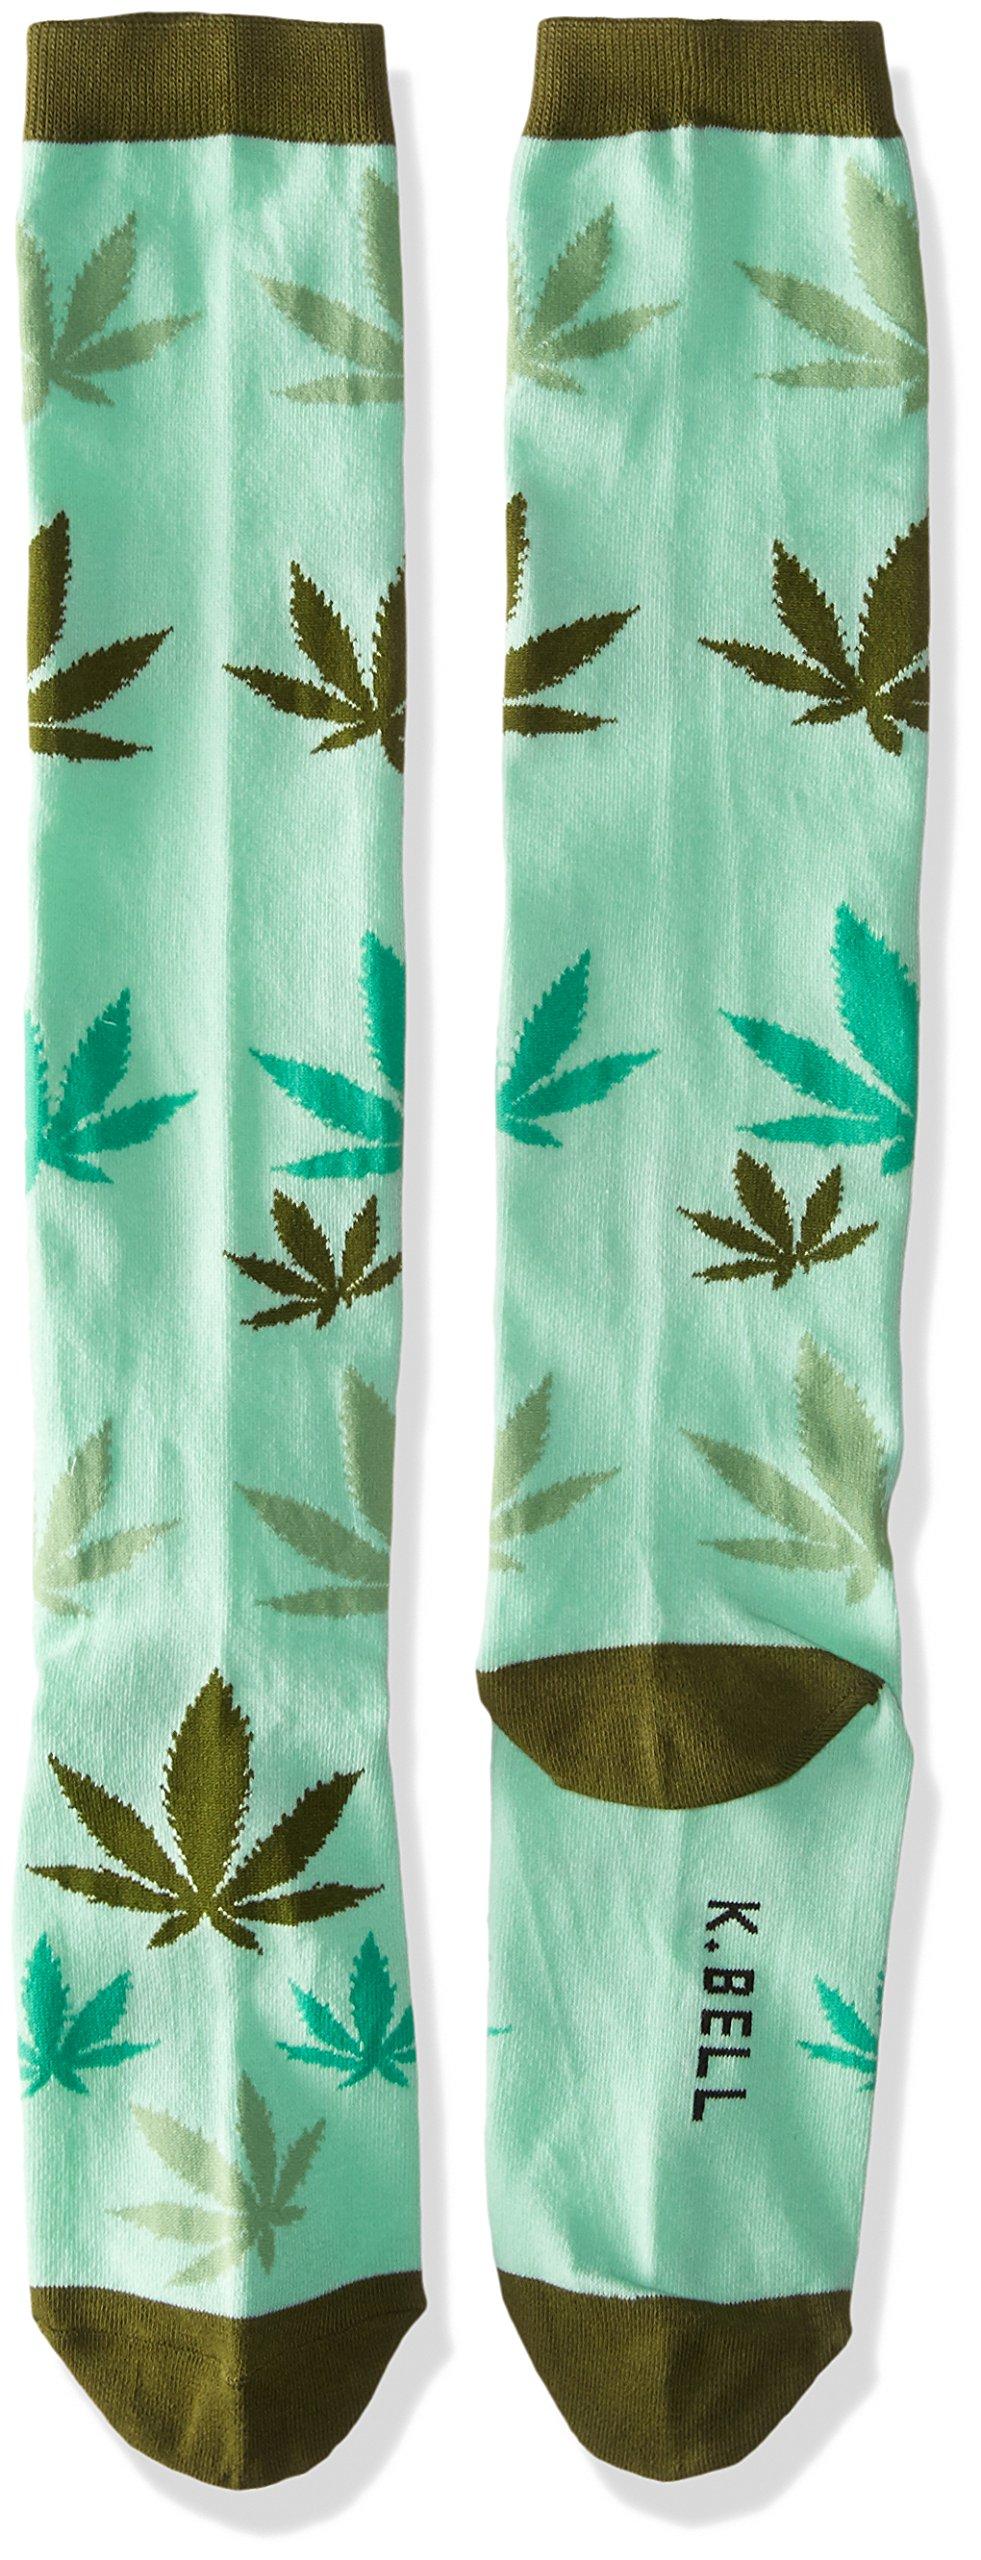 K. Bell Socks Women'S Fun Novelty Design Knee High Socks -